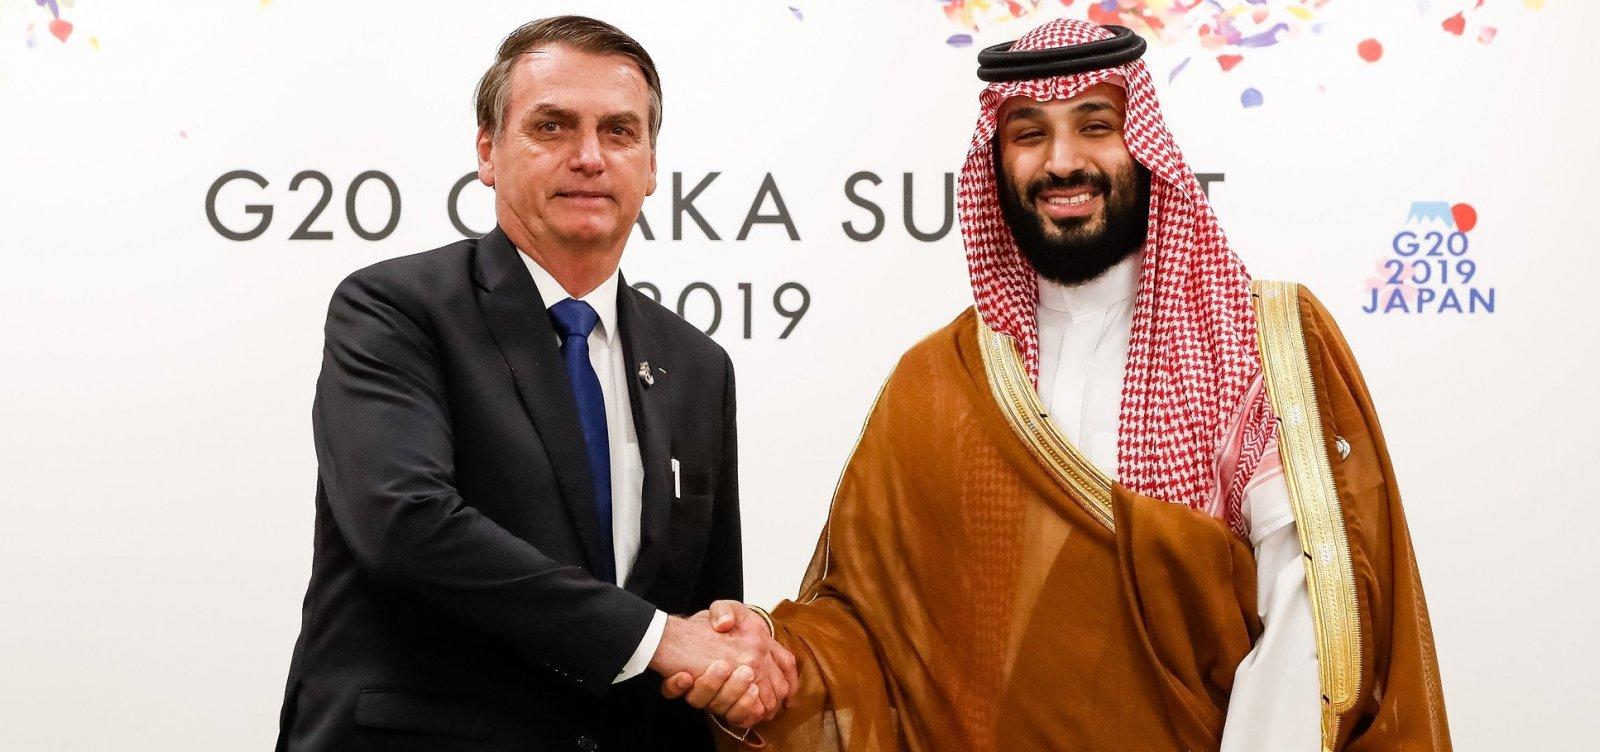 [Bolsonaro diz ter 'afinidade' com príncipe saudita e recomenda encontro a mulheres]